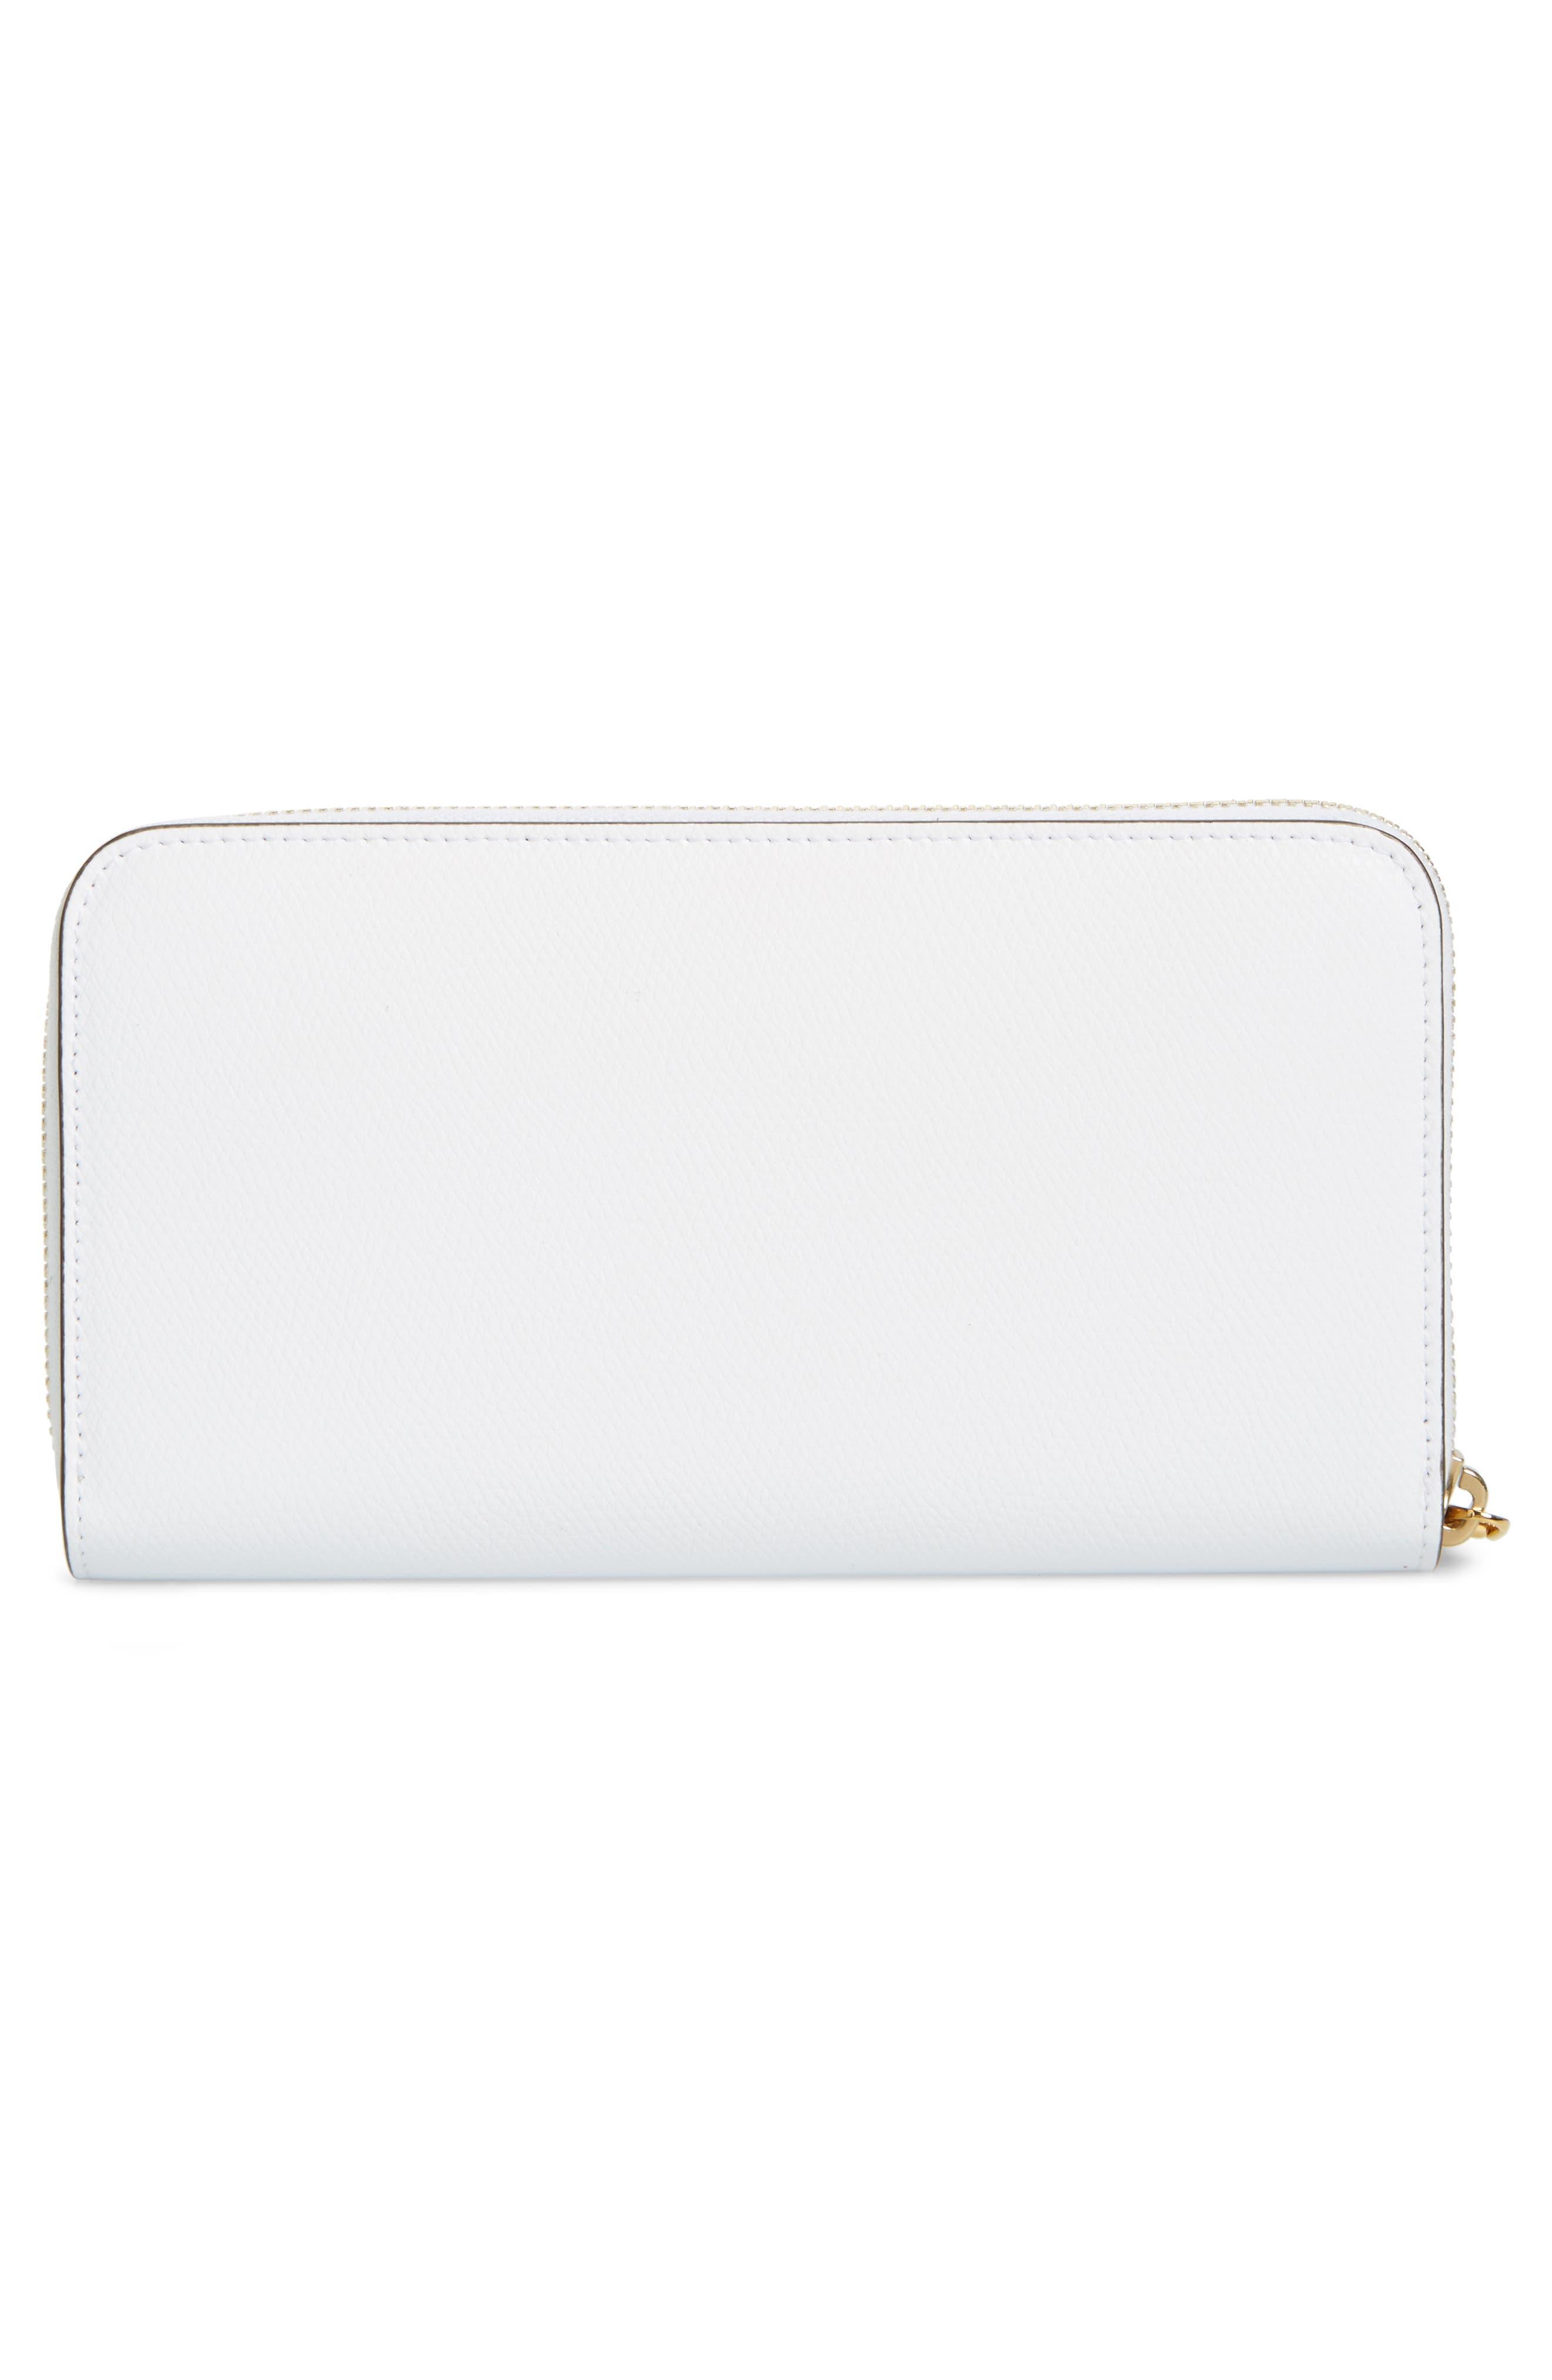 Logo Zip Around Leather Wallet,                             Alternate thumbnail 4, color,                             WHITE